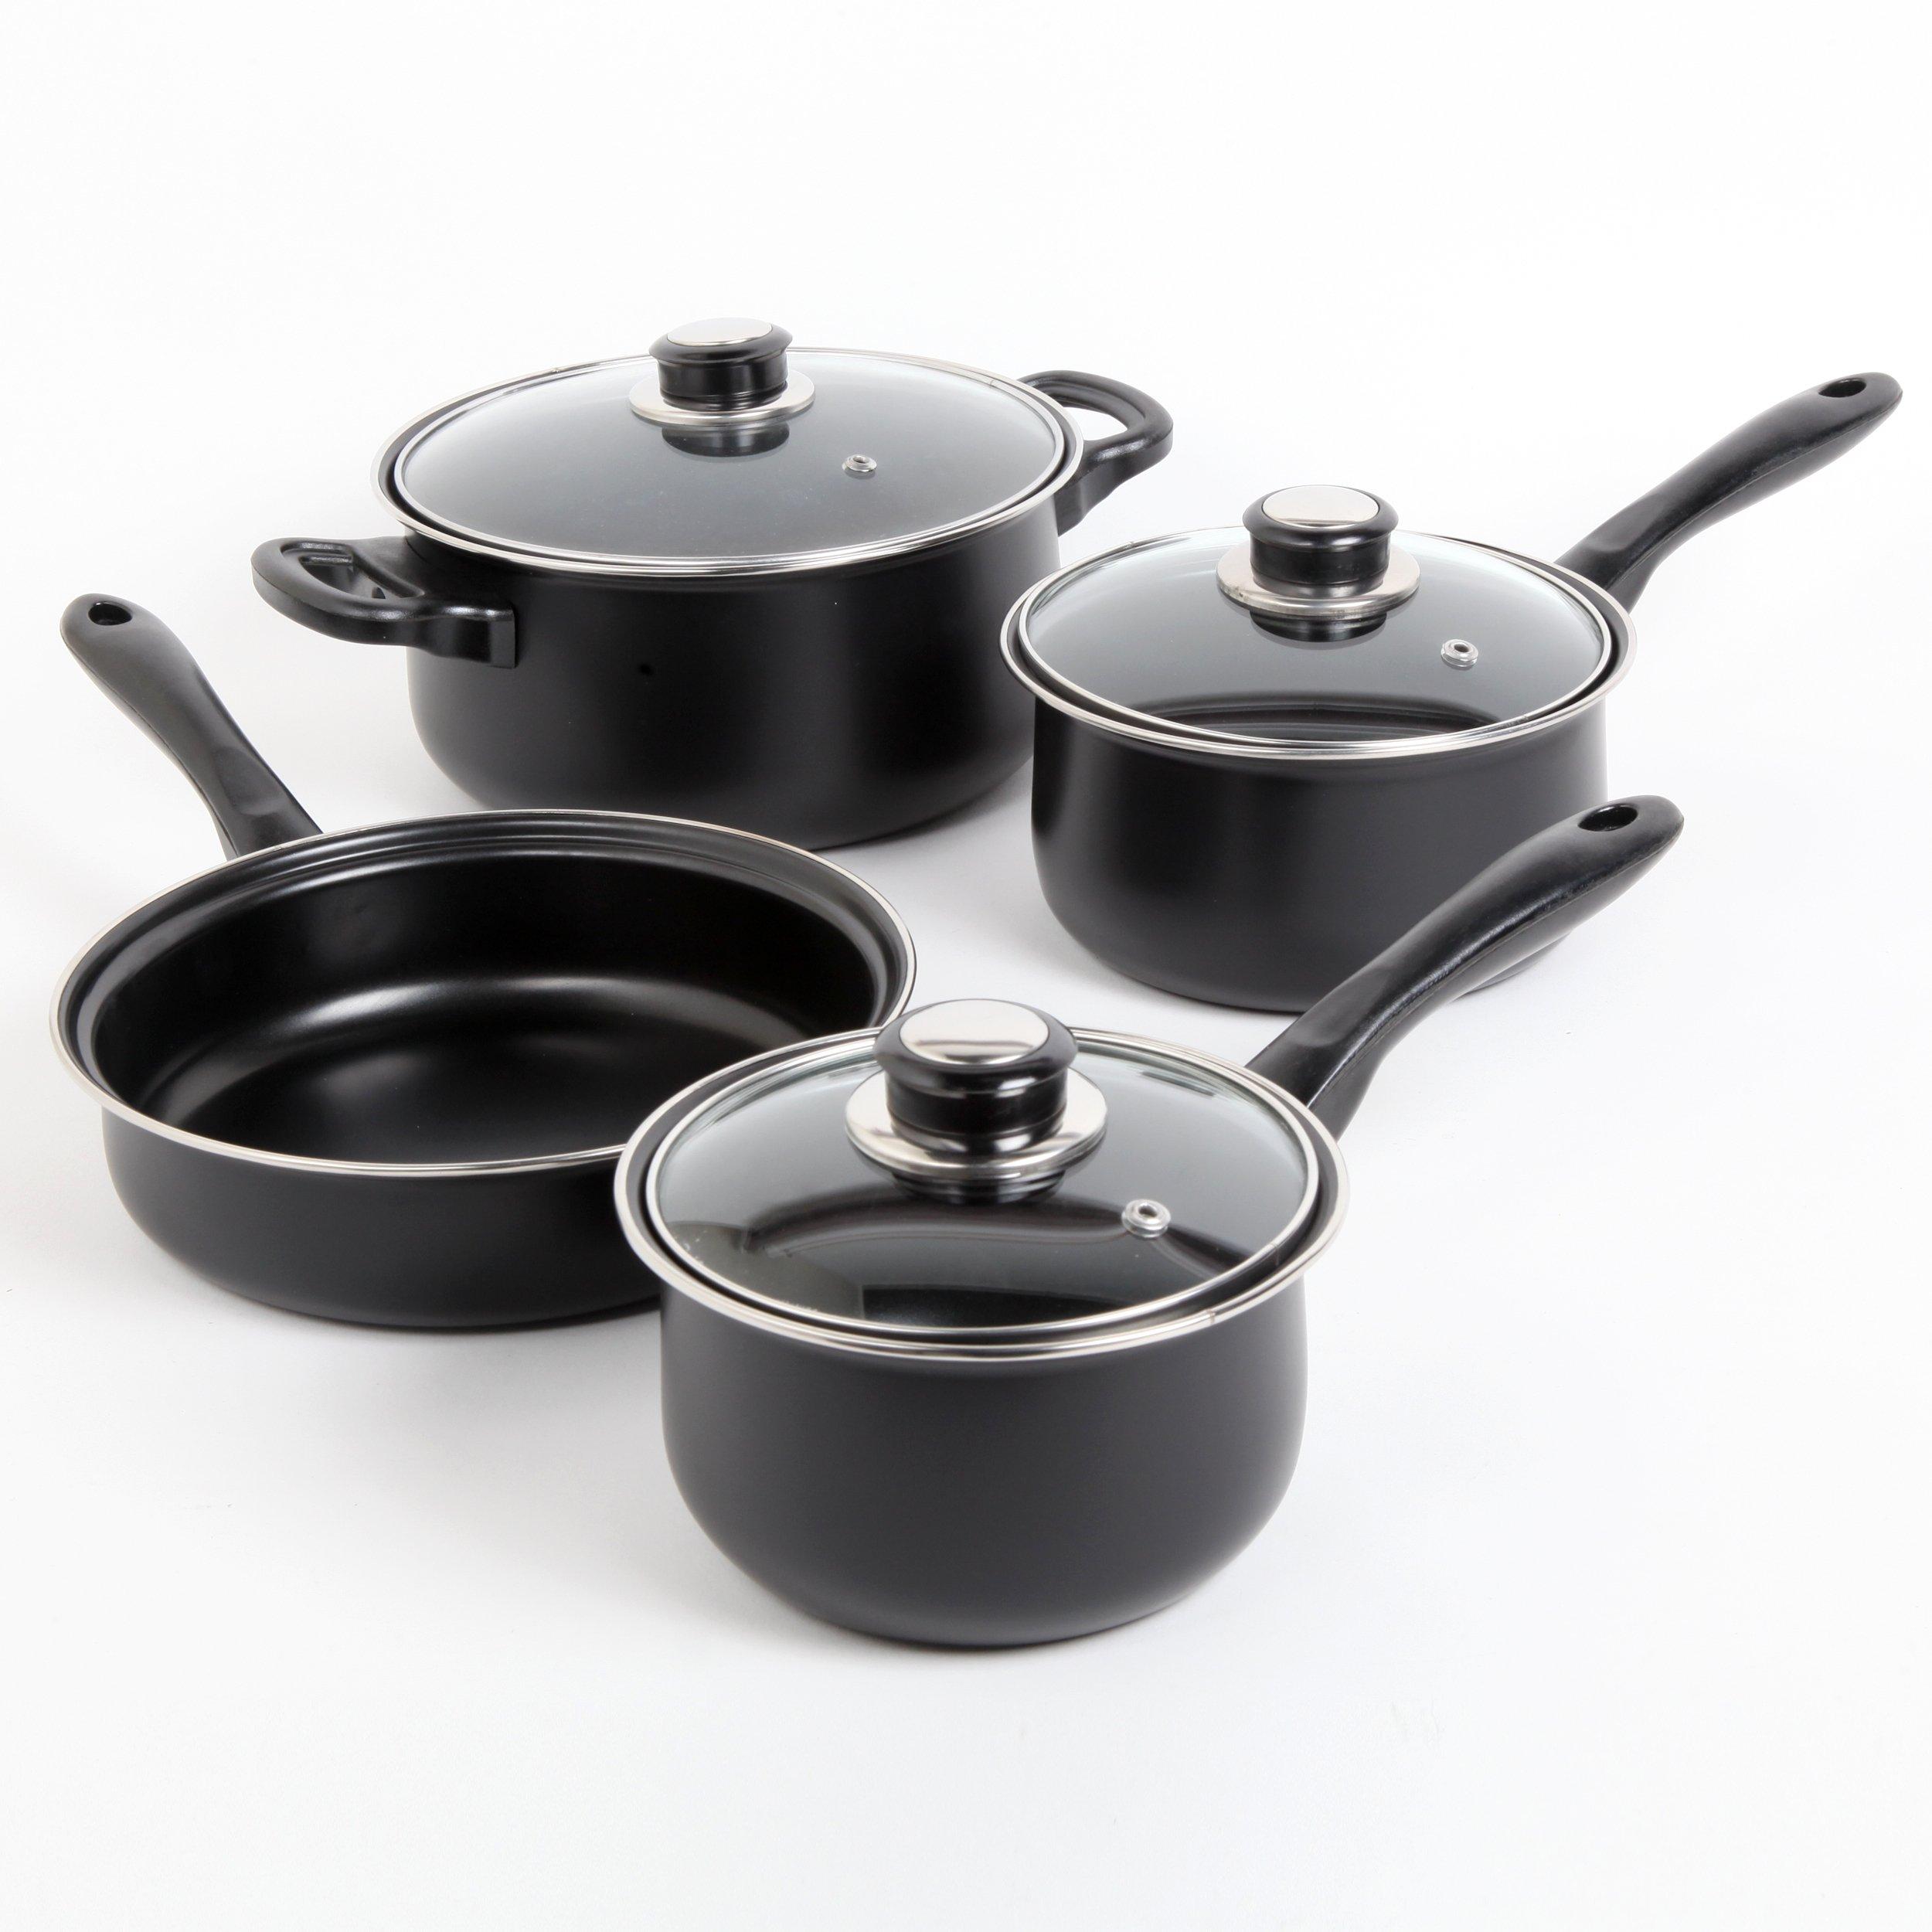 Sunbeam 72253.07 Newbrook 7-Piece Cookware Set, Black